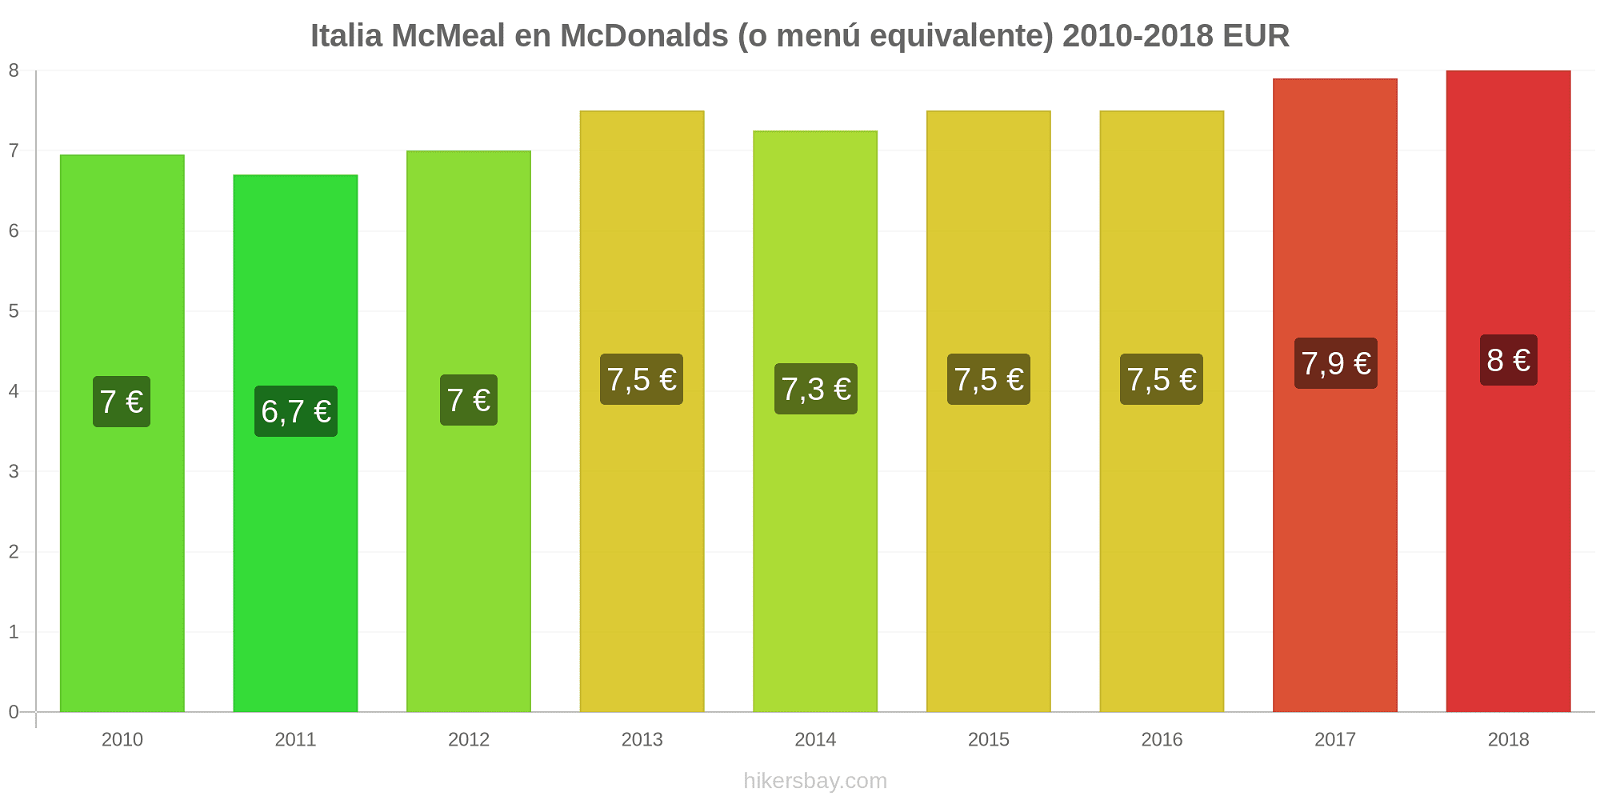 Italia cambios de precios McMeal en McDonalds (o menú equivalente) hikersbay.com